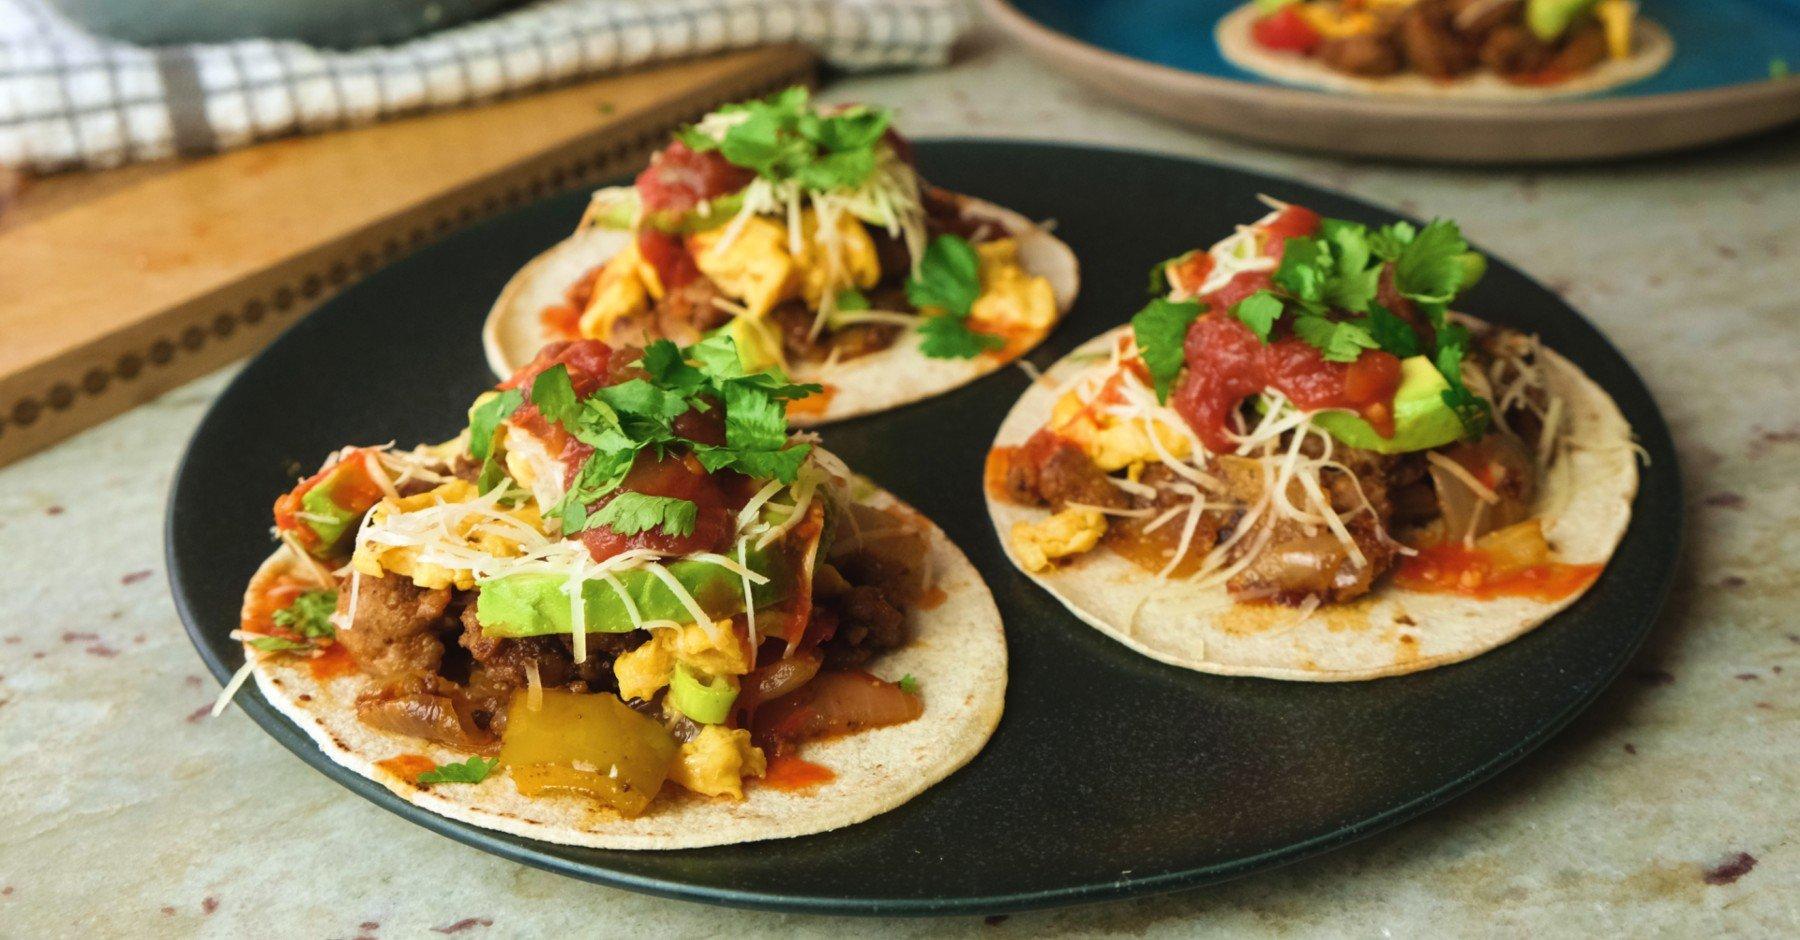 Chutné raňajkové tacos | Recept na raňajky plné bielkovín